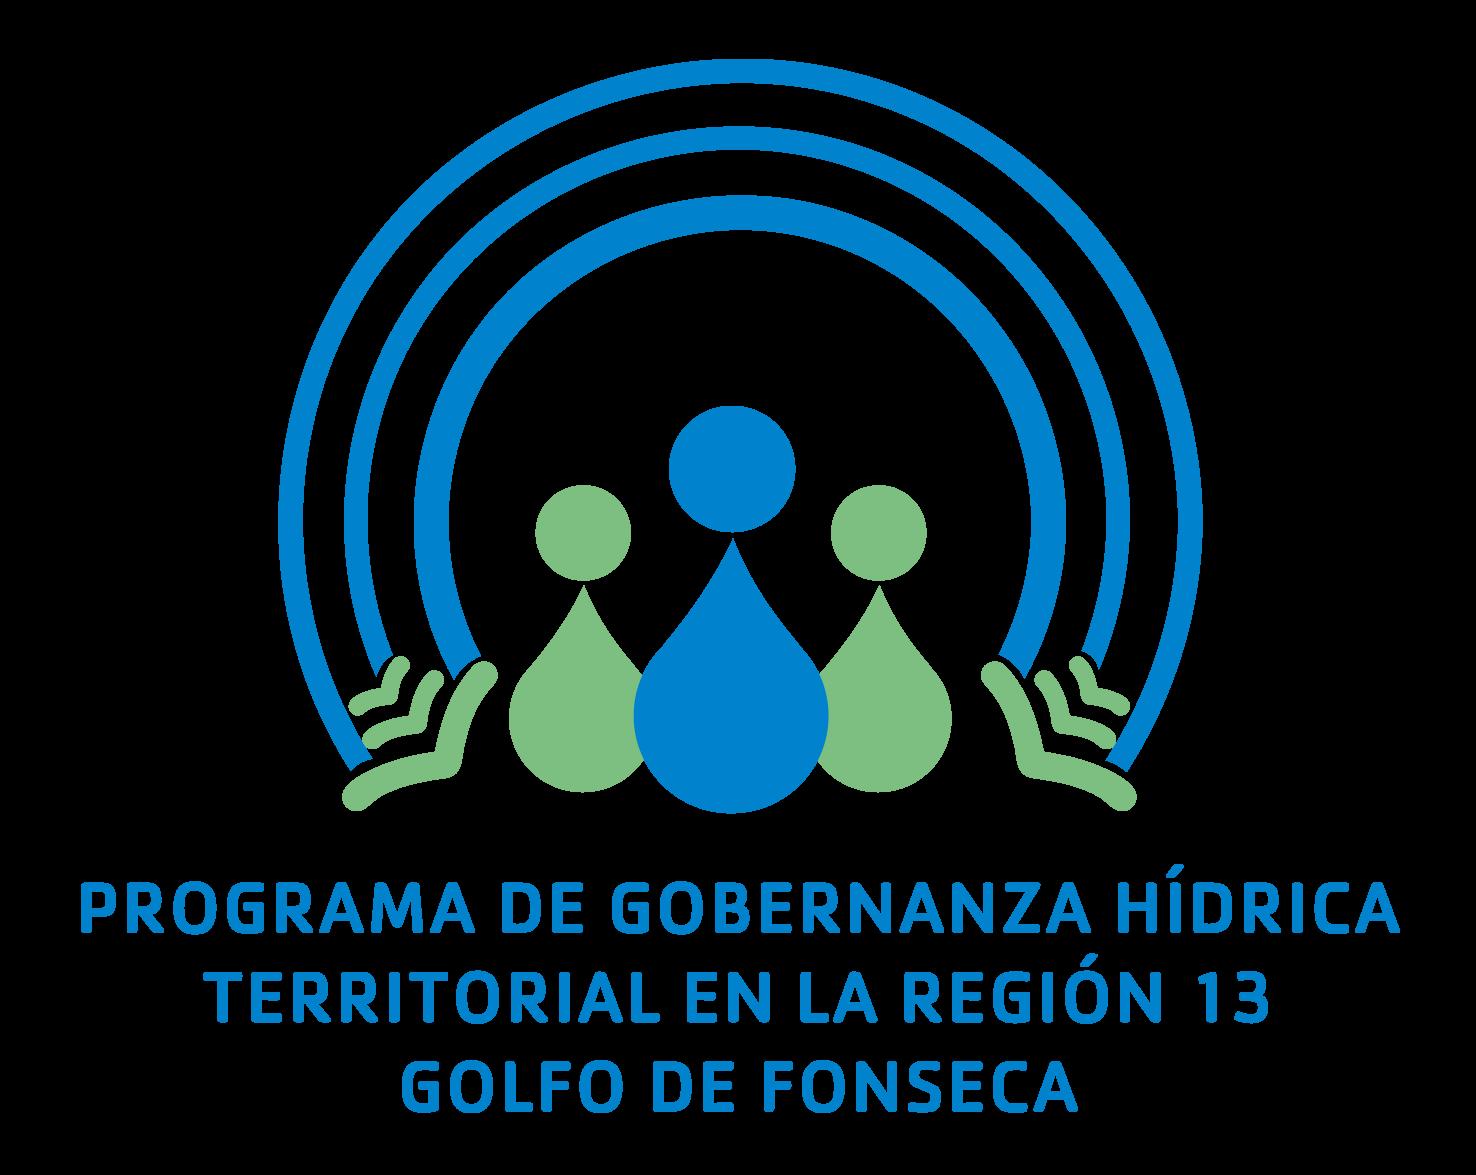 PGHTR13GF | Honduras